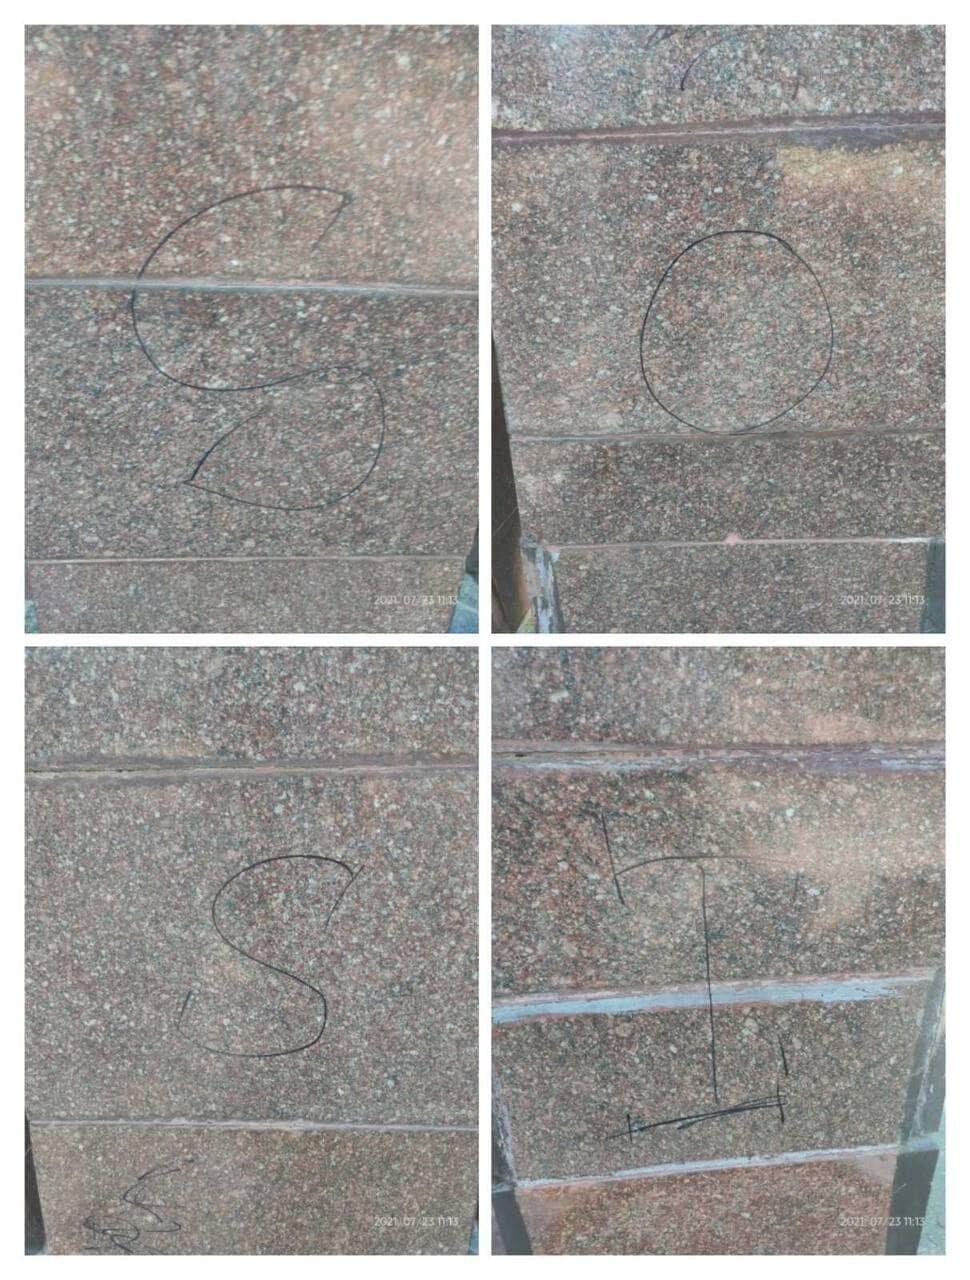 Підлітки розмалювали меморіал.